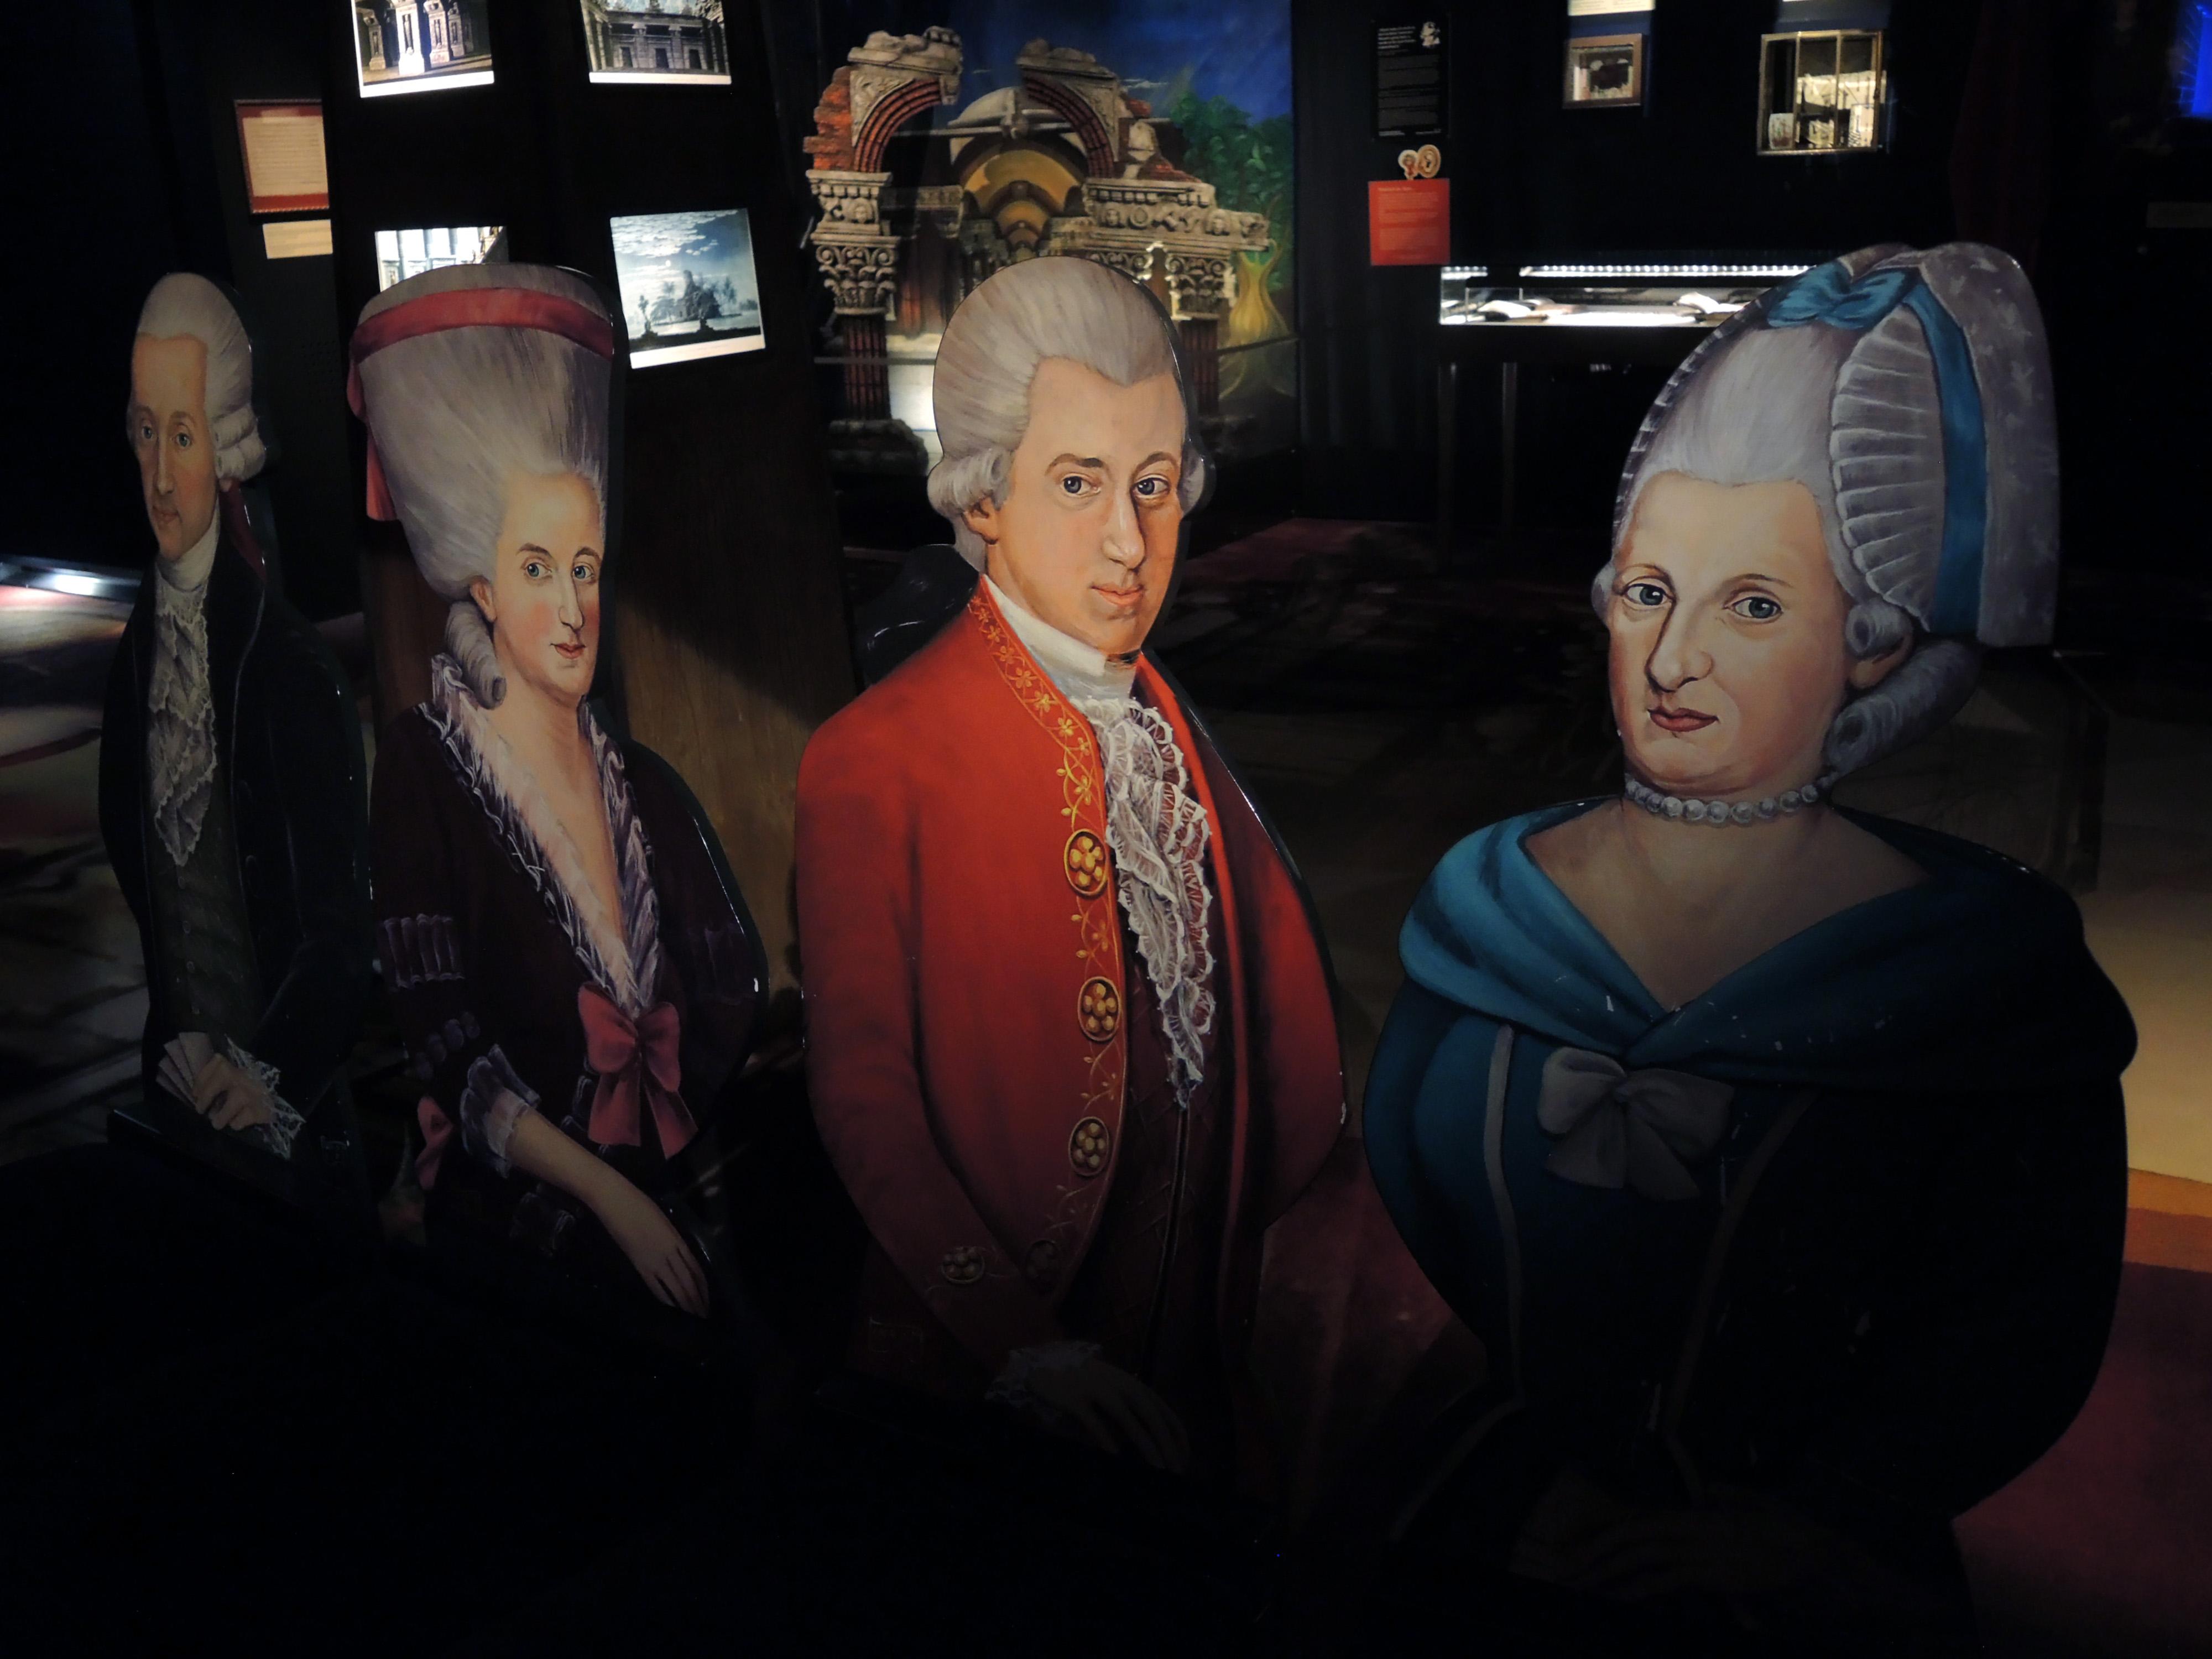 Mozart's Room